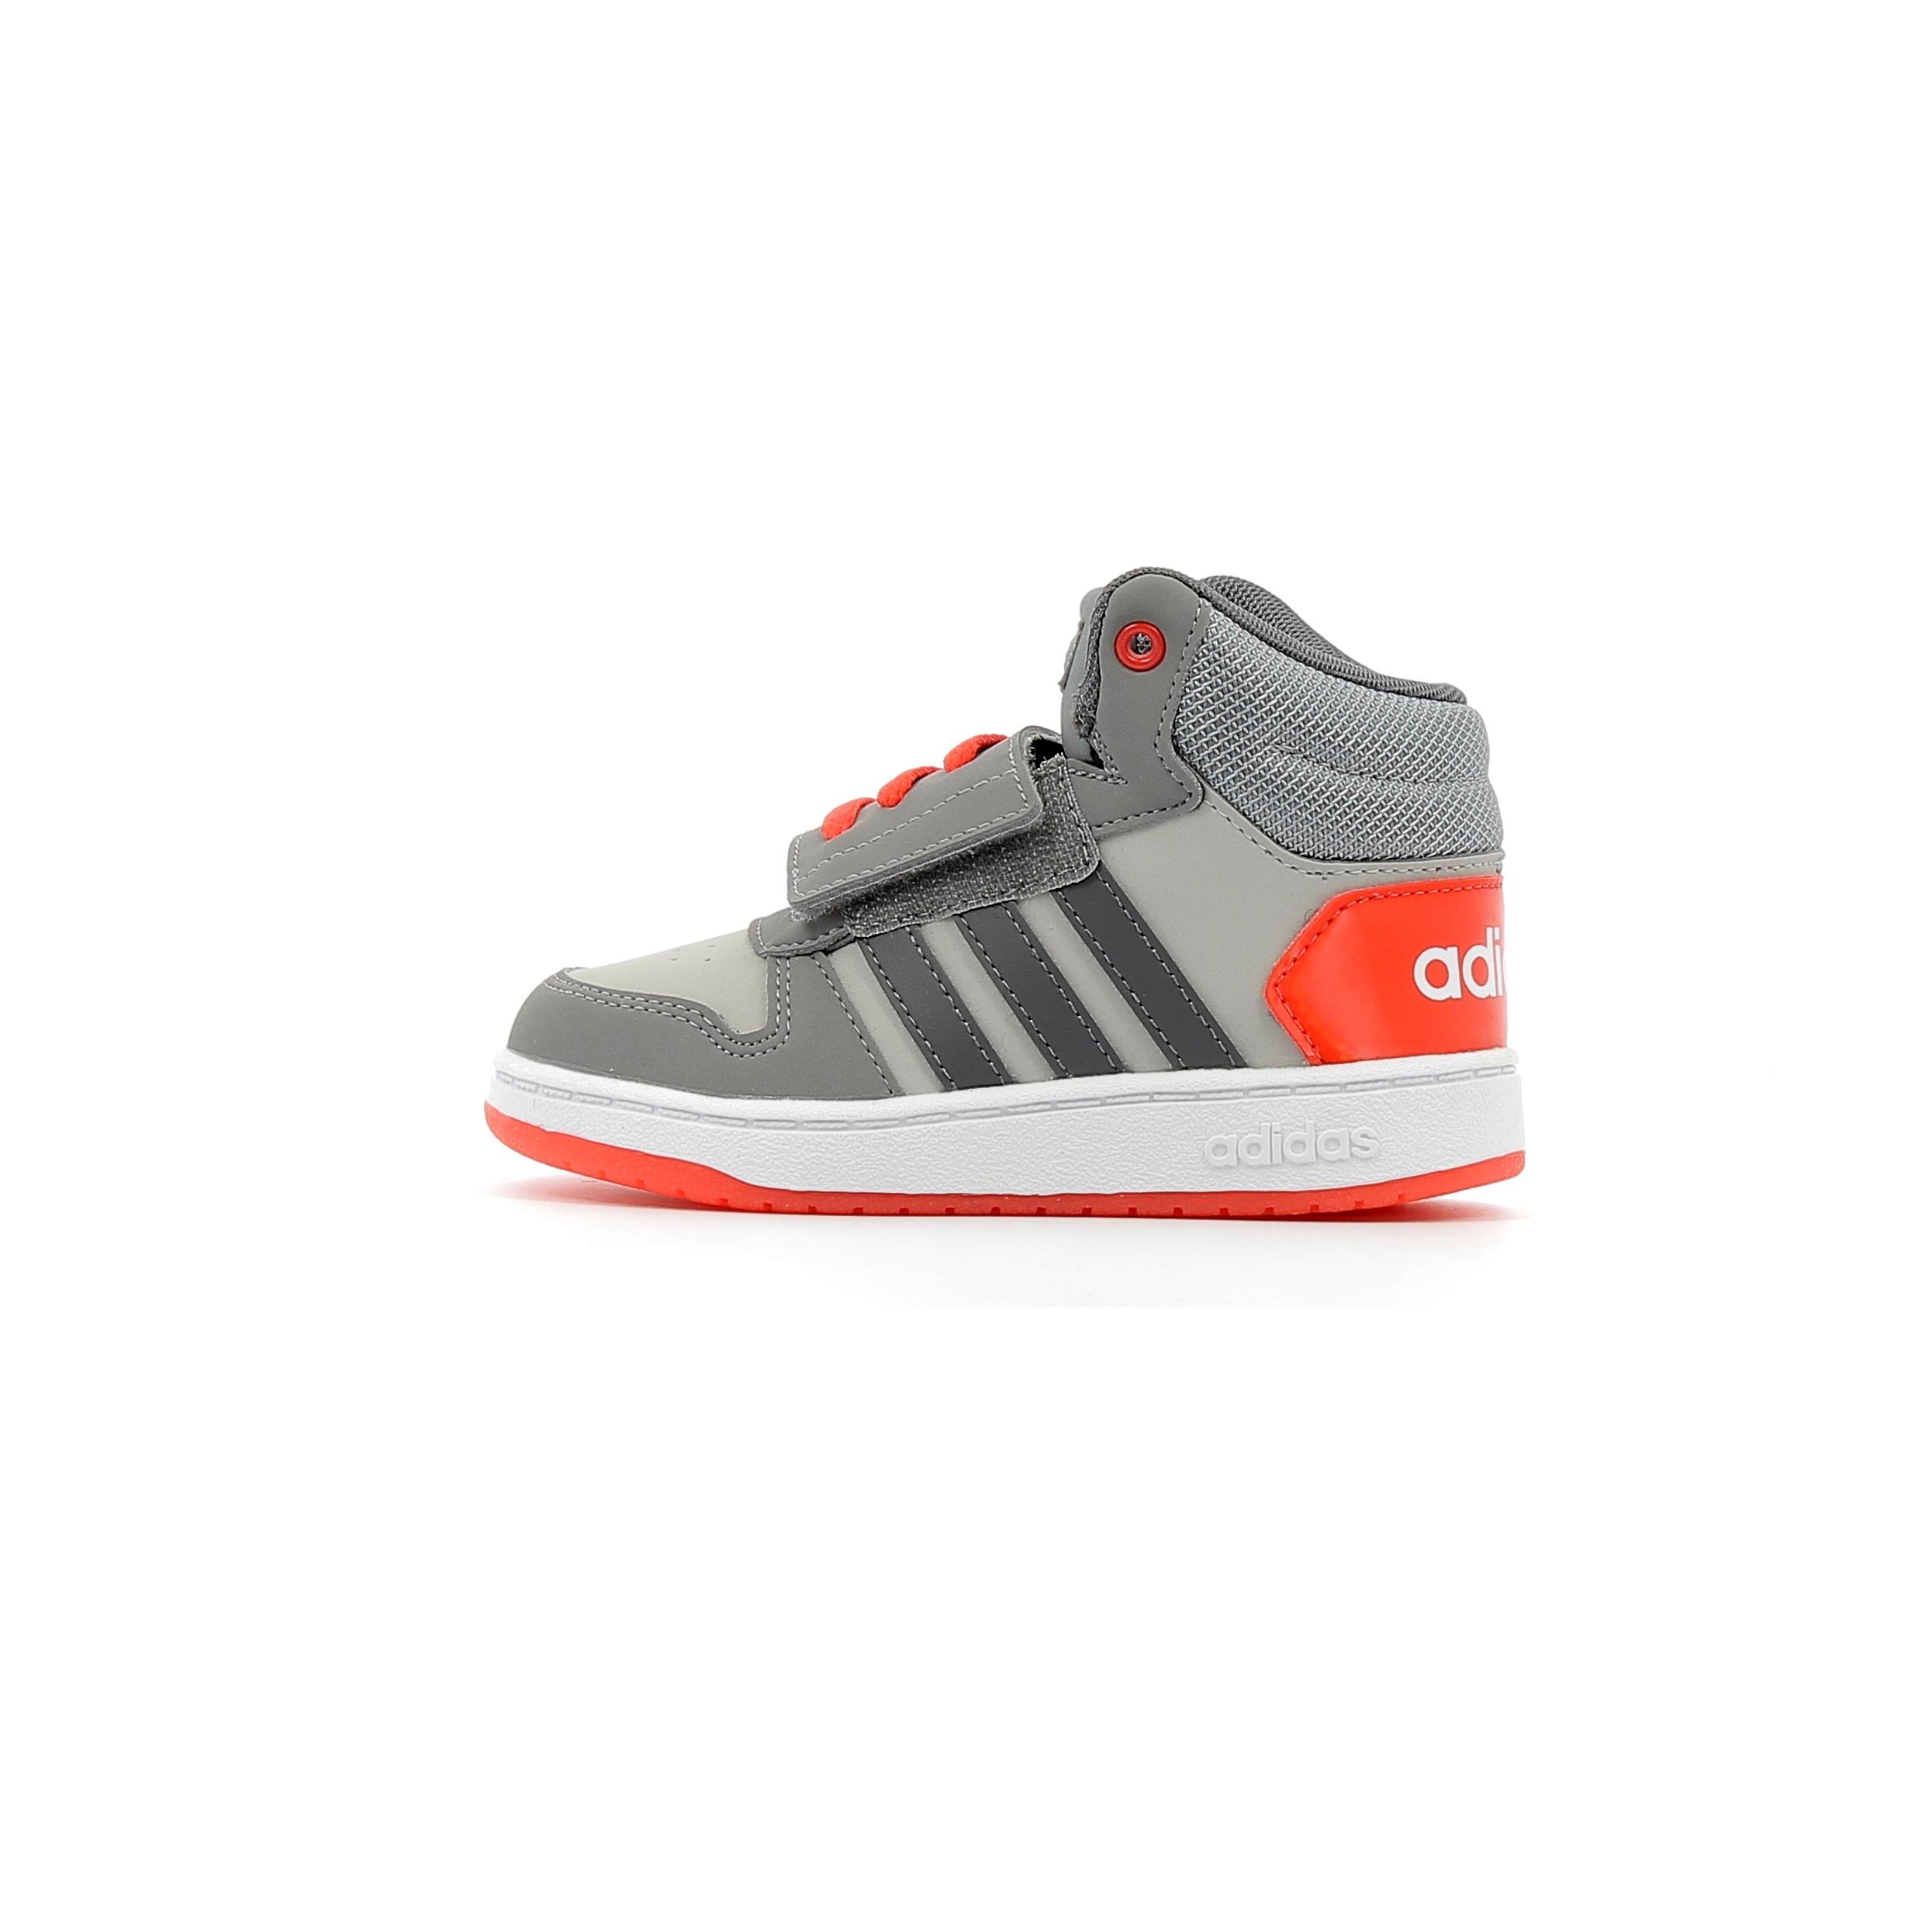 marque populaire boutique pour officiel qualité de la marque Baskets montante enfants Adidas Performance Hoops Mid 2.0 Inf Children